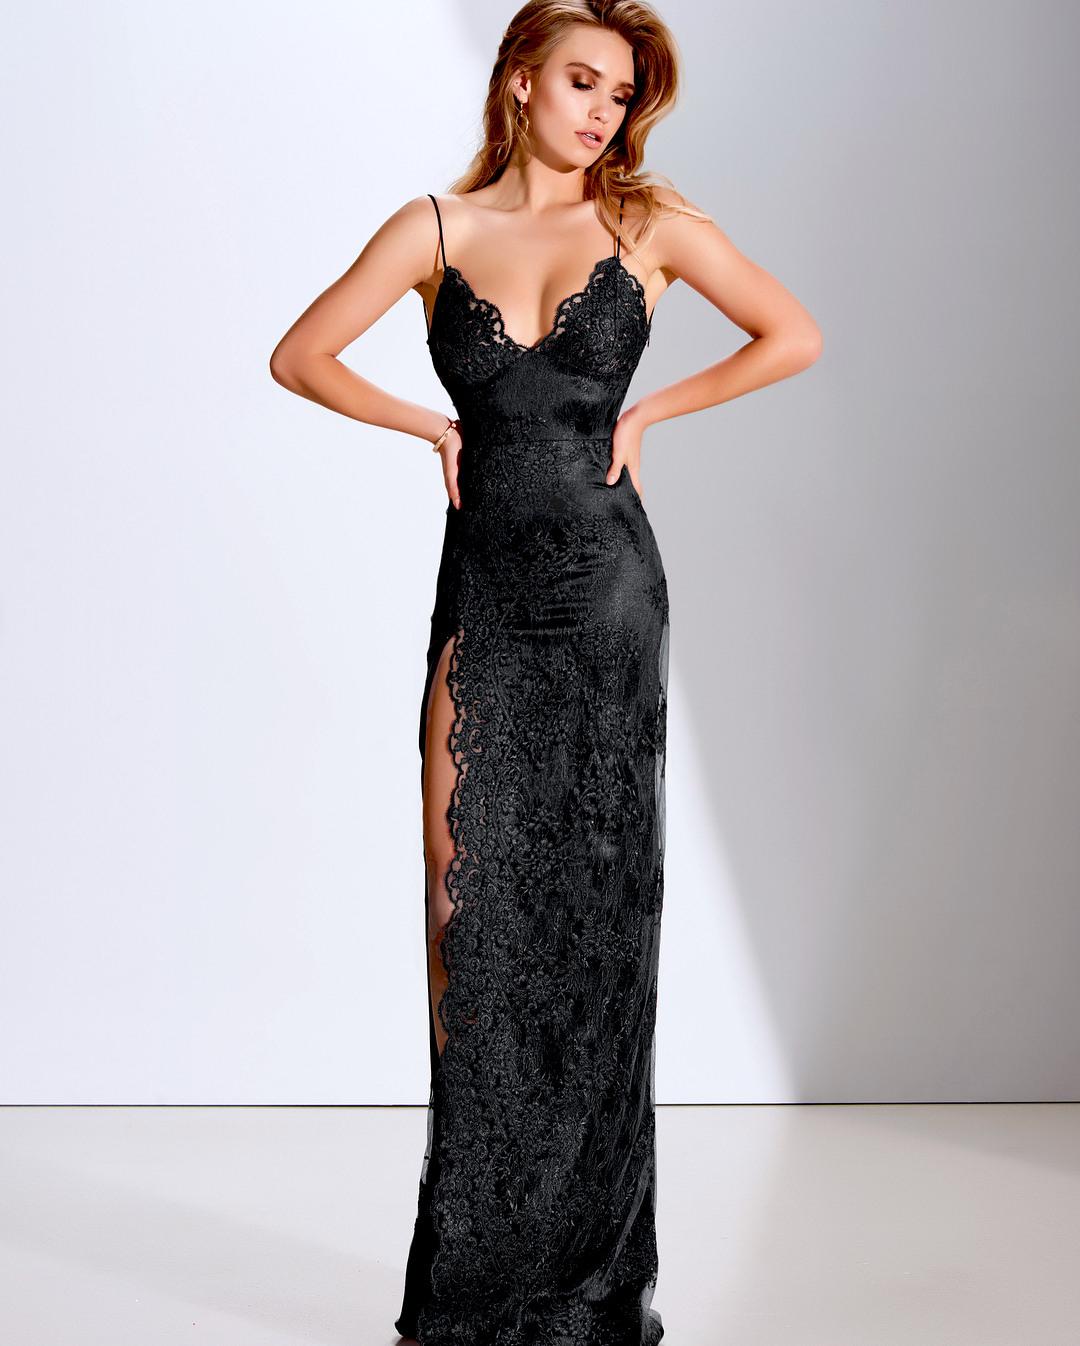 20 Erstaunlich Elegante Abendkleid Design15 Perfekt Elegante Abendkleid Boutique